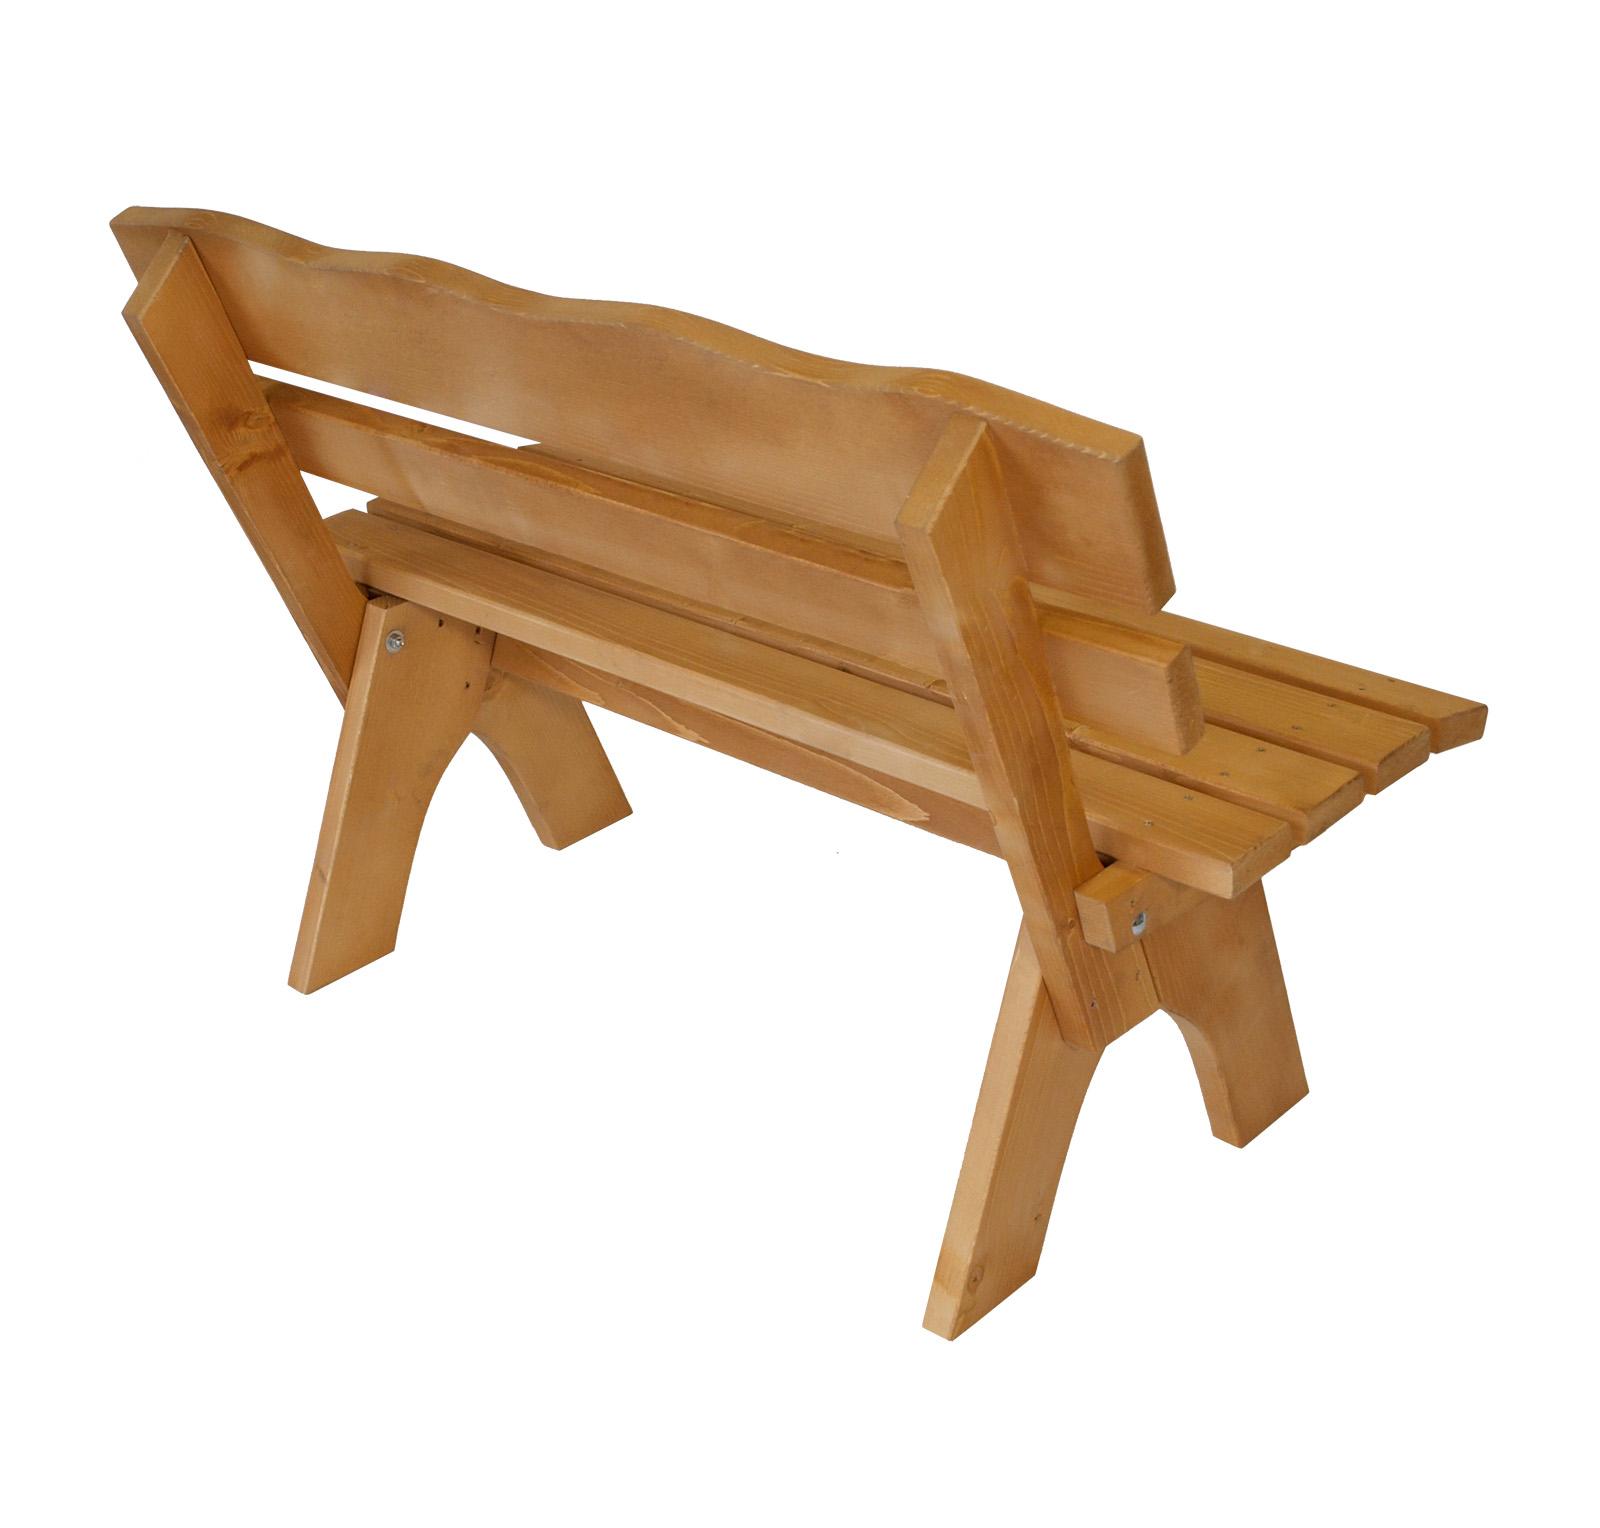 gartenbank holzbank parkbank gartenm bel holz bank freital 2 sitzer kiefer ebay. Black Bedroom Furniture Sets. Home Design Ideas